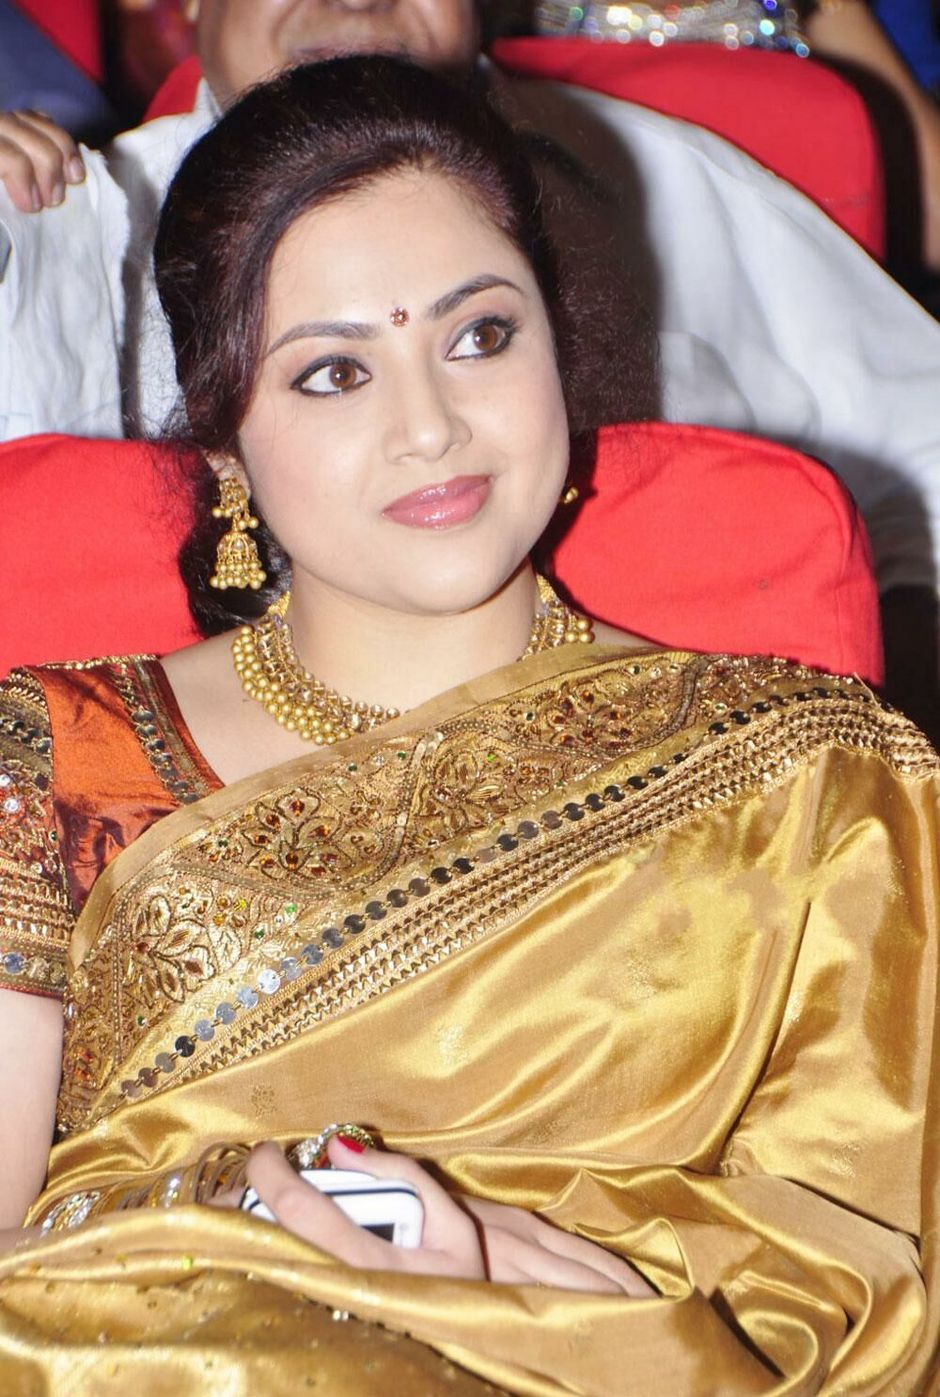 Meena hot